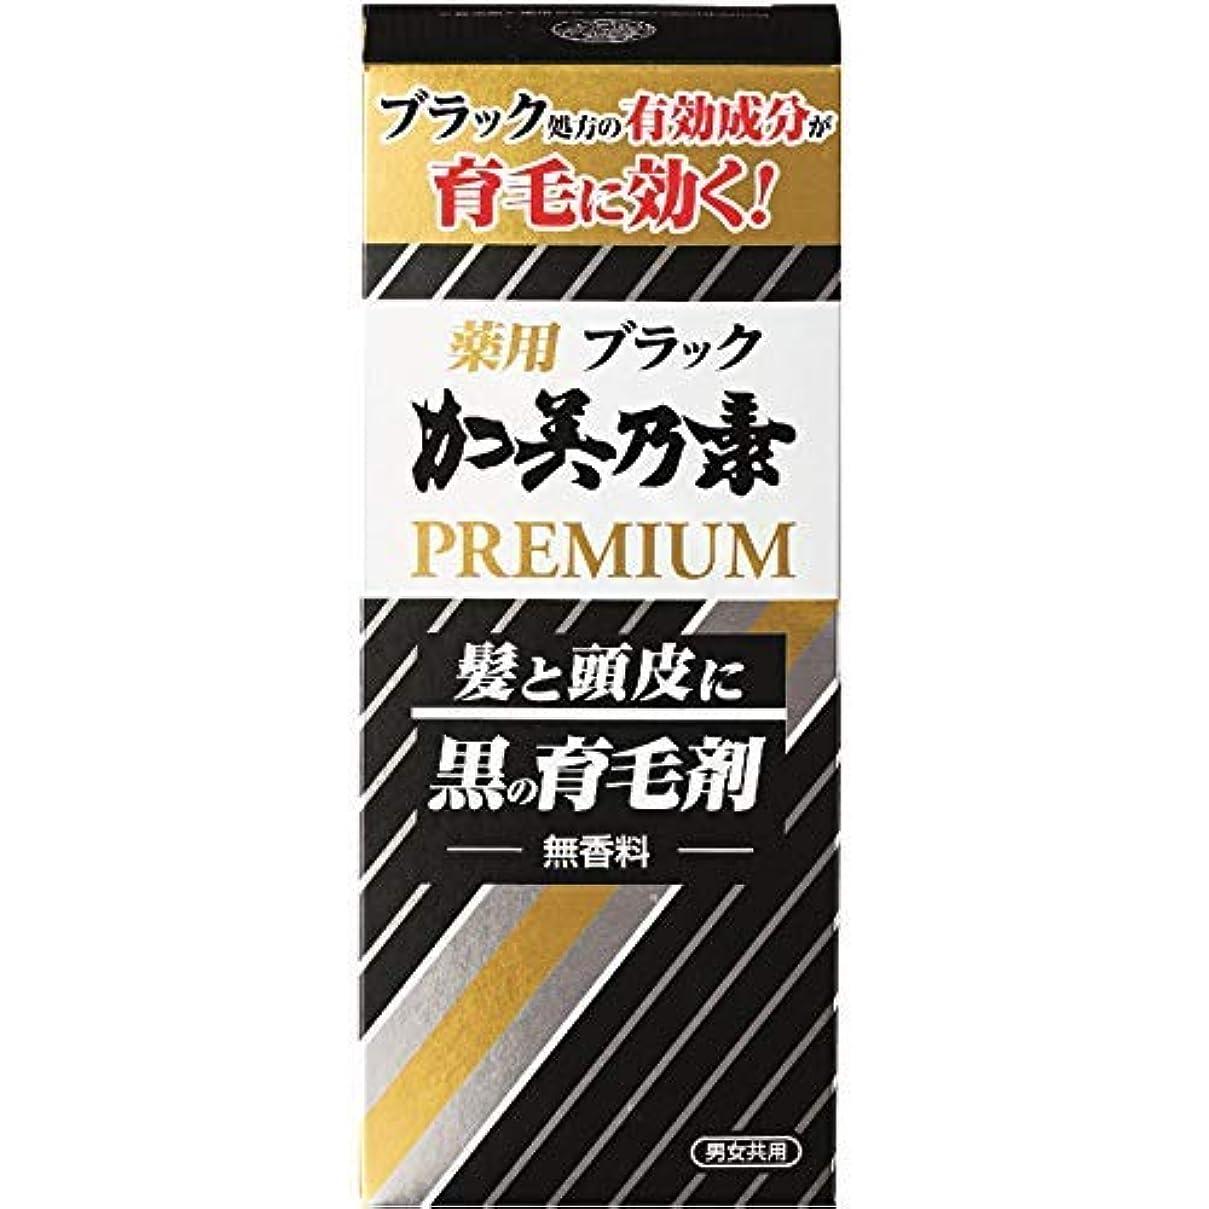 聴覚電子レンジ喜びブラック加美乃素 プレミアム × 3個セット